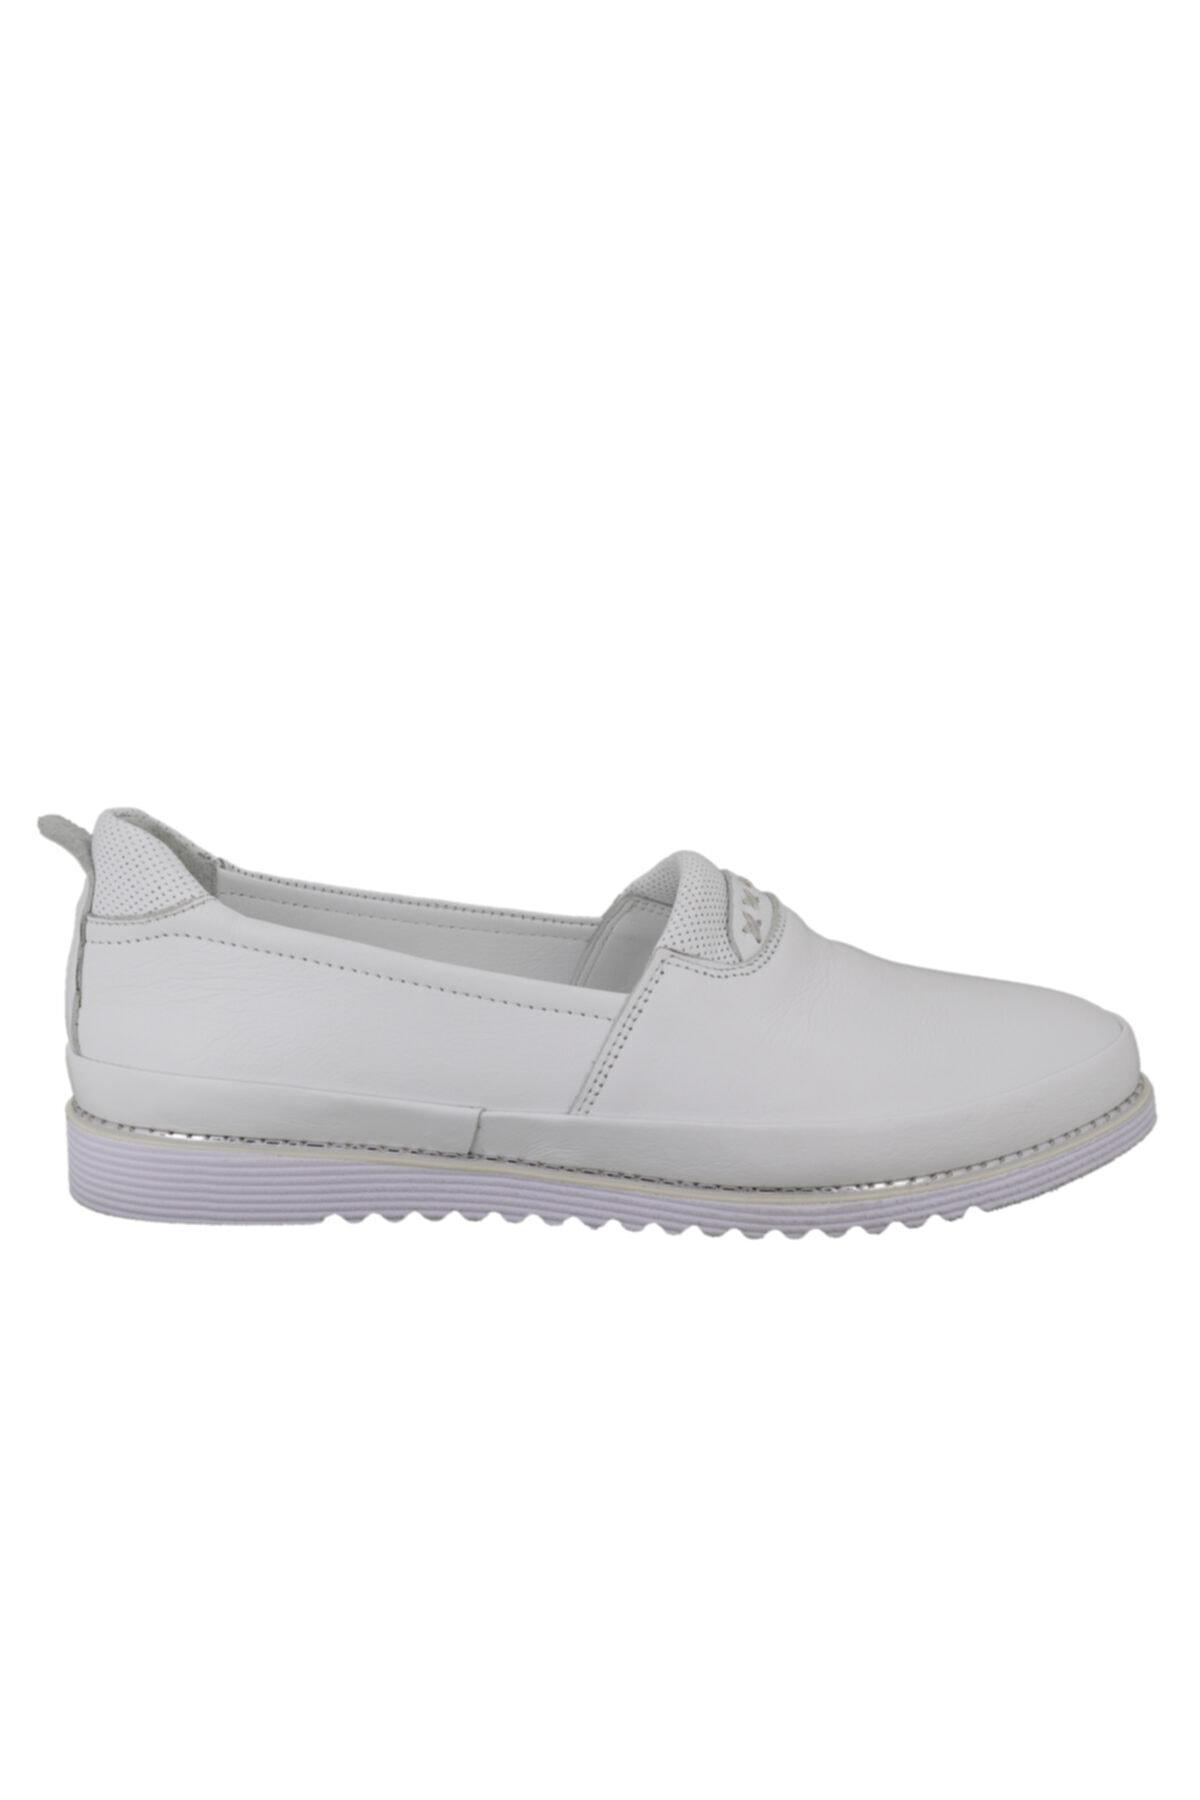 Hobby Divadonna Beyaz Deri Günlük Kadın Ayakkabı 8672 1